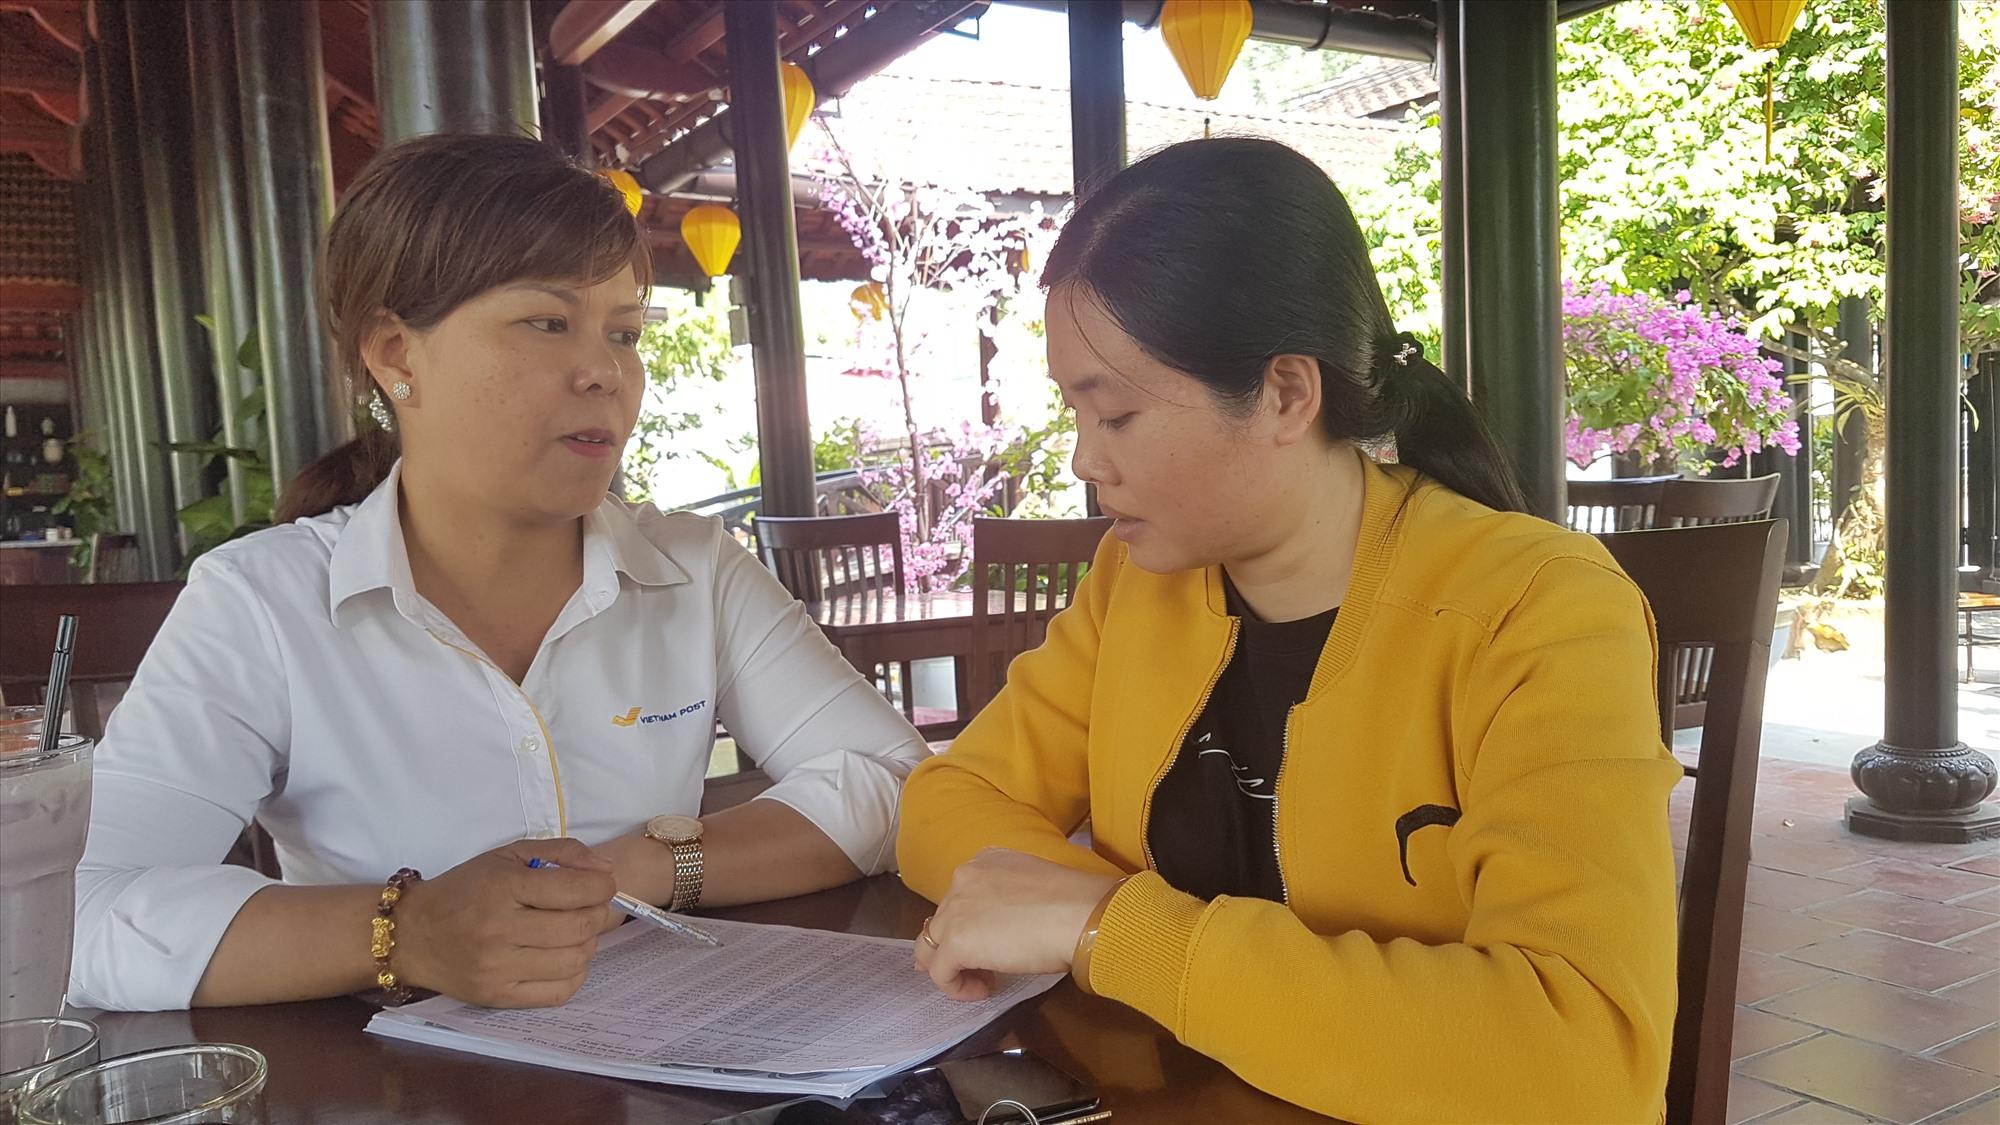 Chị Nguyễn Thị Quỳnh Thu (bìa phải) đã tham gia chính sách BHXH tự nguyện sau khi hiểu rõ về chính sách từ sự tuyên truyền của đại lý thu Bưu điện. Ảnh: D.L